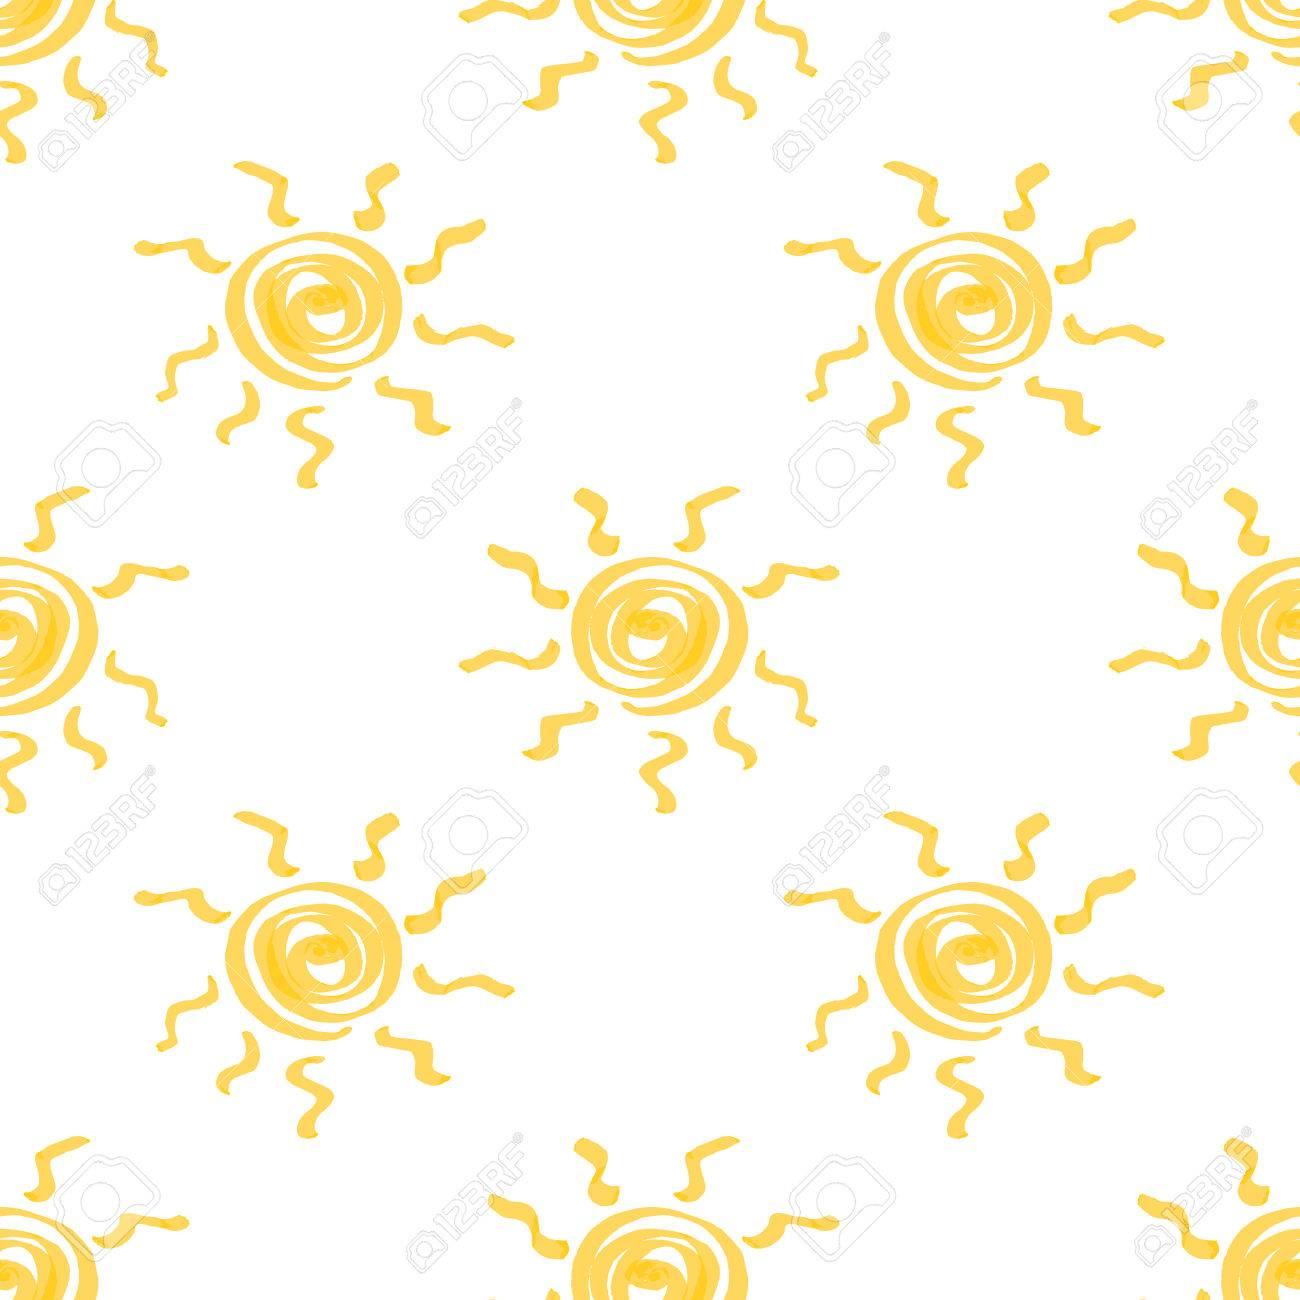 マーカーで描かれた太陽の手でシームレスなパターン サニー イエロー